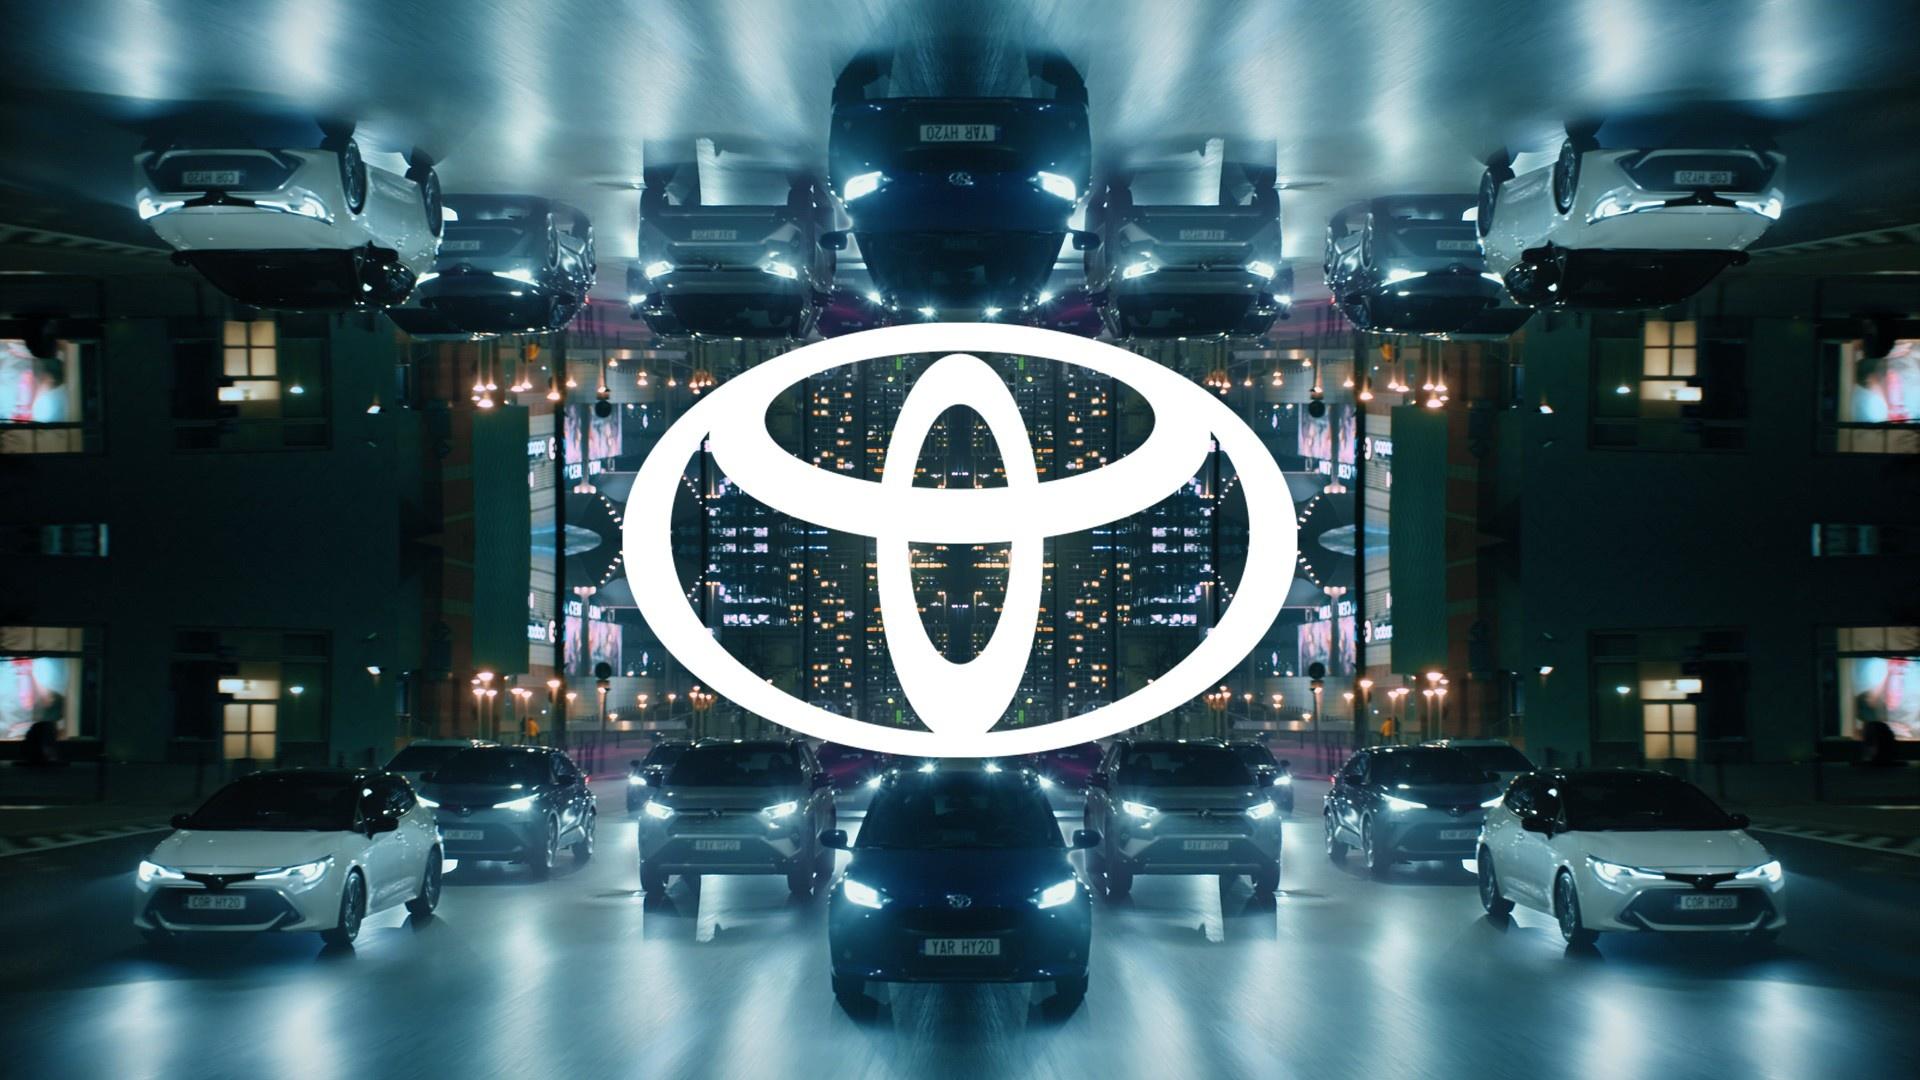 Hãng xe ồ ạt thay logo - Ảnh 4.